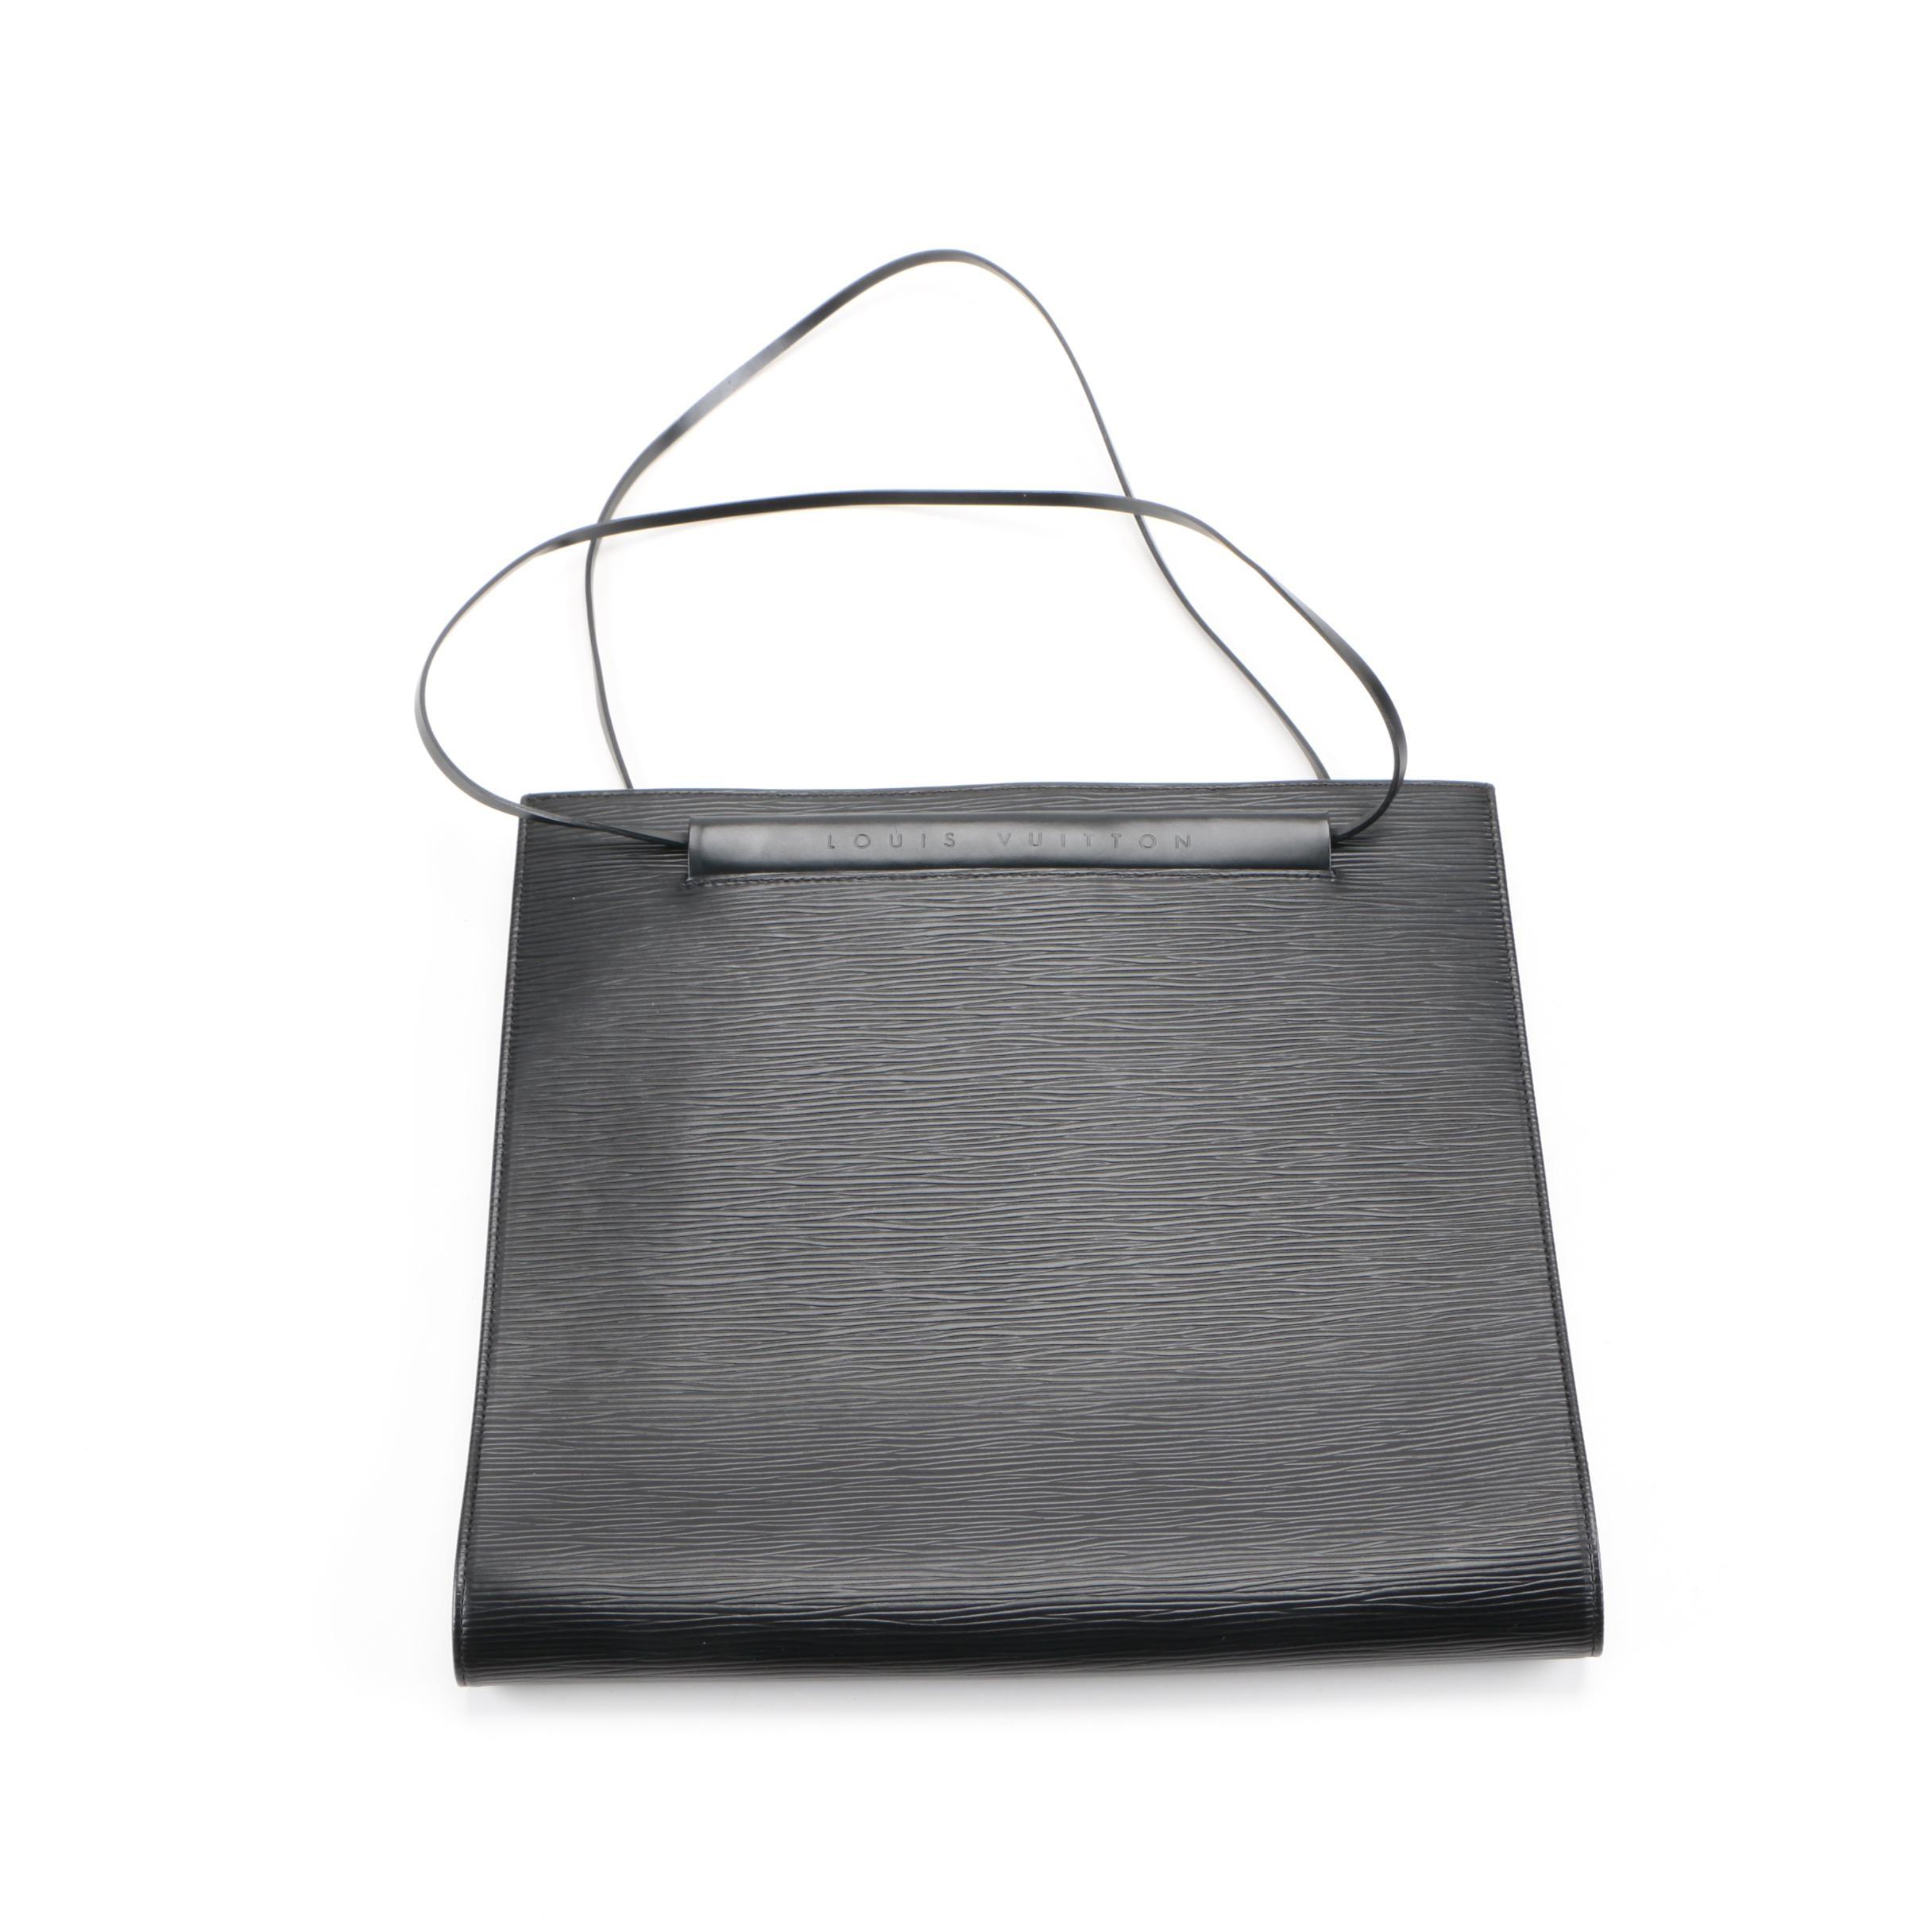 Louis Vuitton Black Epi Leather Saint Tropez Handbag